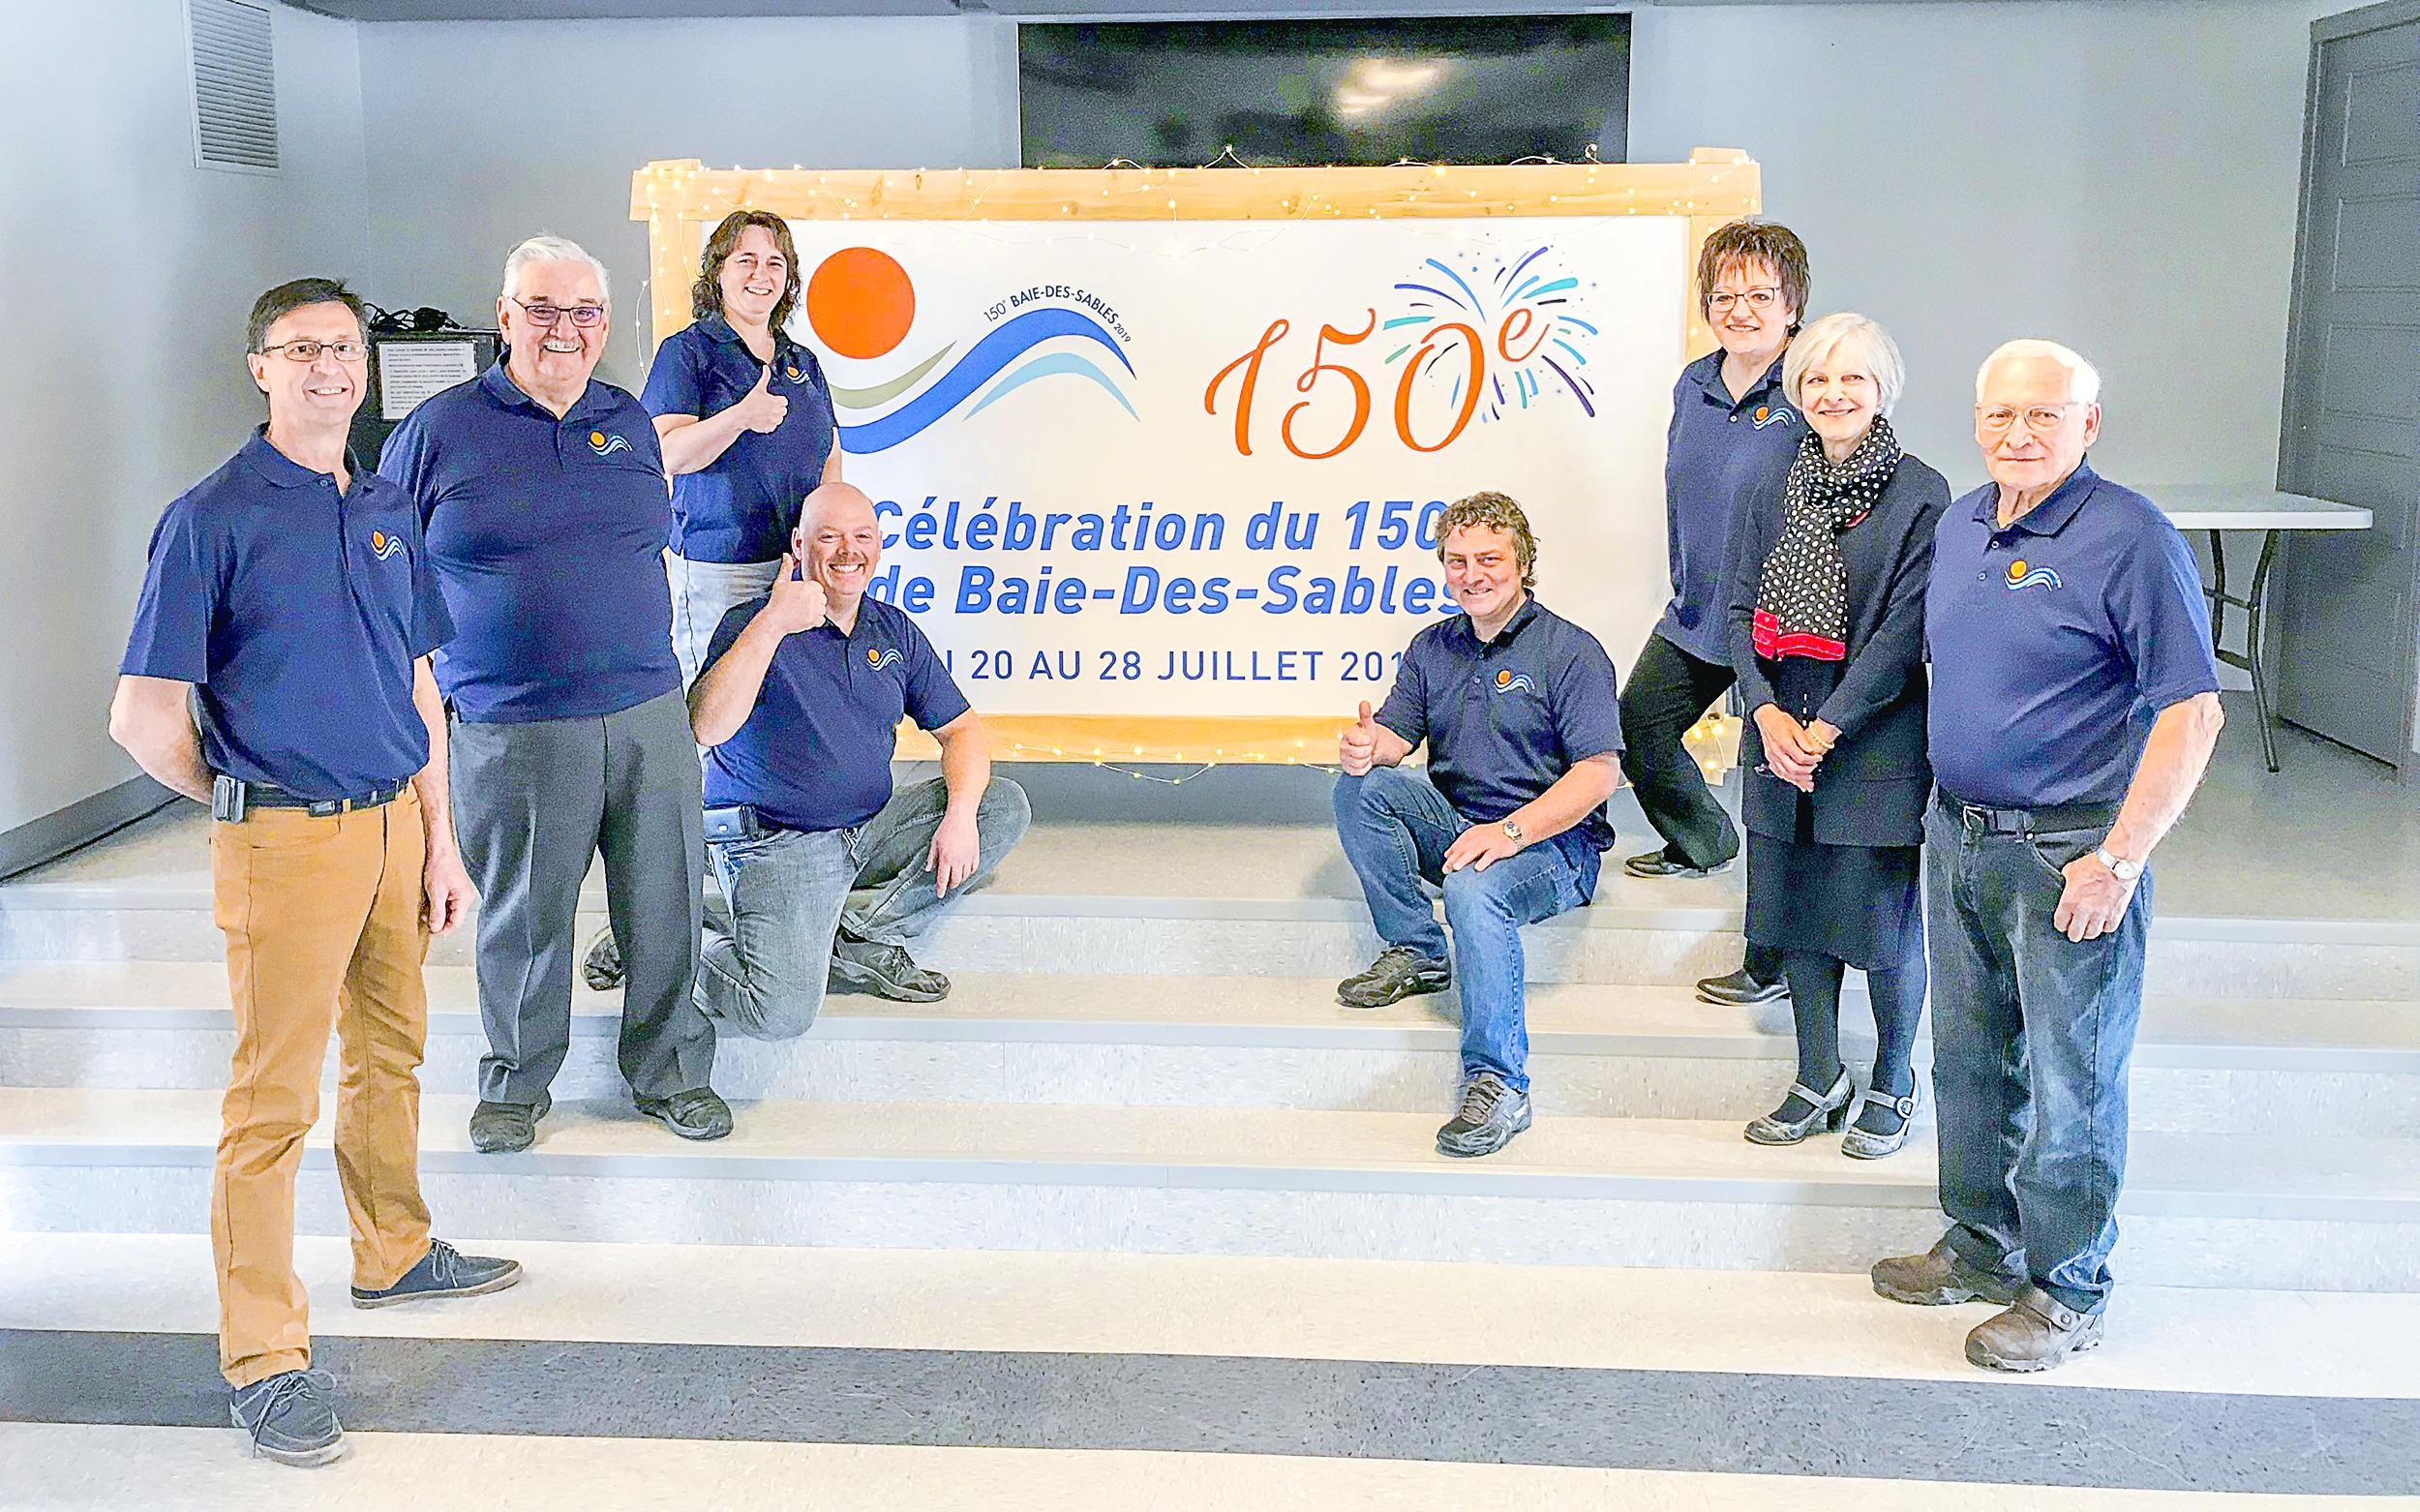 Baie-des-Sables 150e anniversaire comité des fêtes